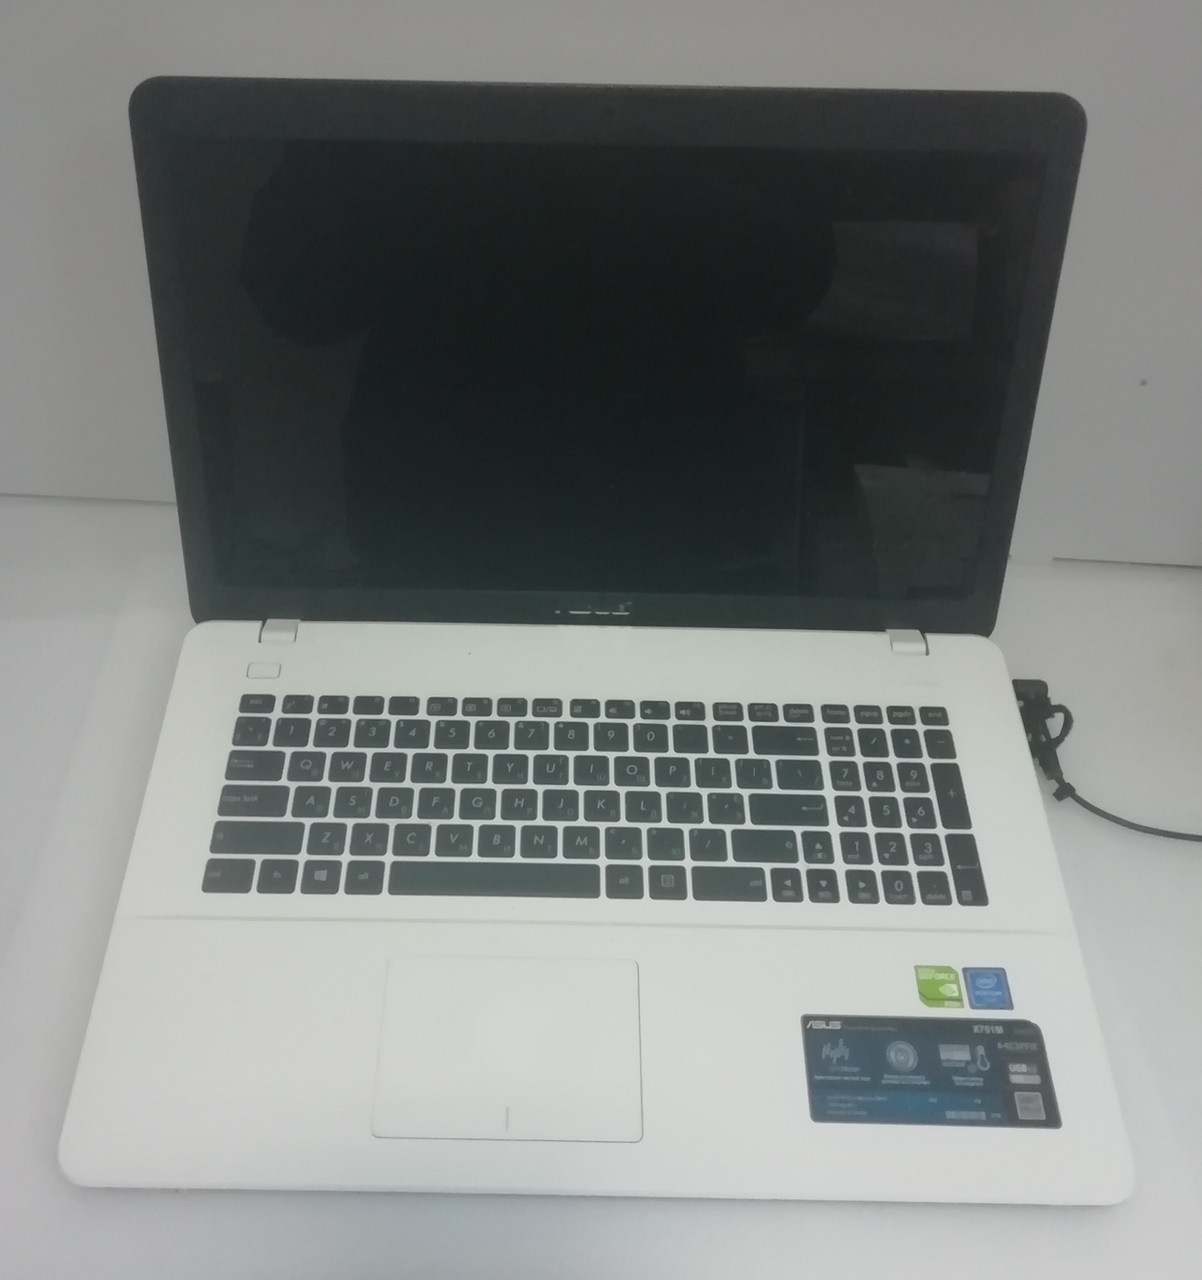 Ноутбук игровой Asus X751M с огромным 17 экраном. Белое совершенство. Игры на максимальных настройках